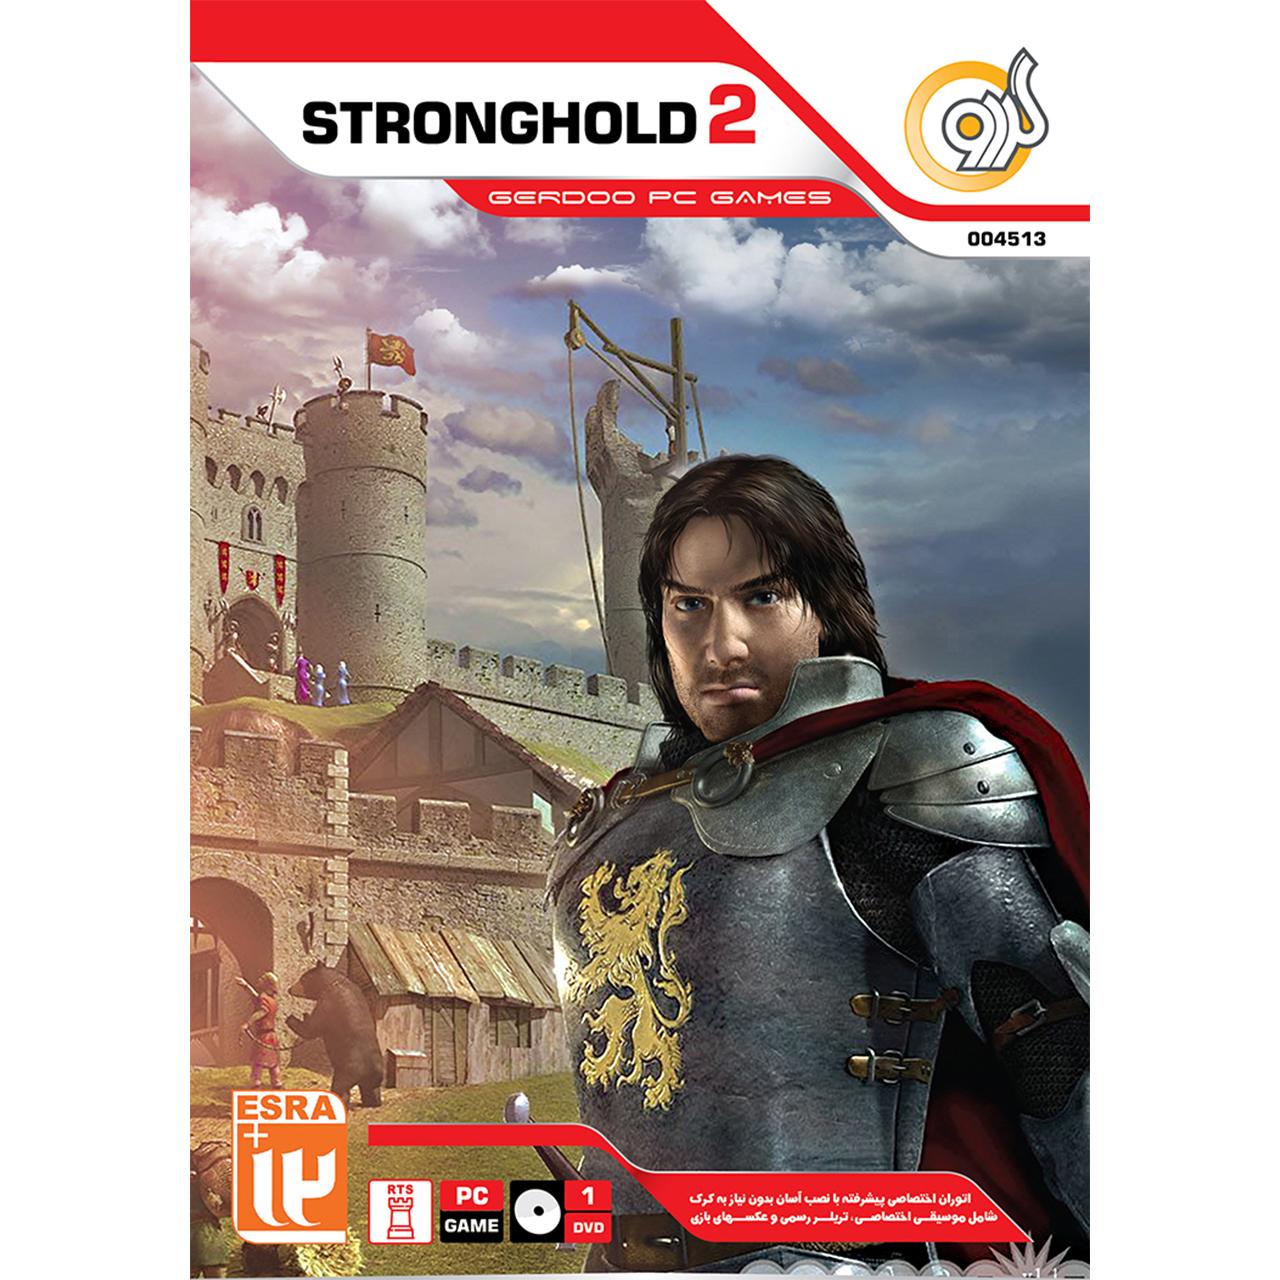 بازی Stronghold 2 گردو مخصوص PC